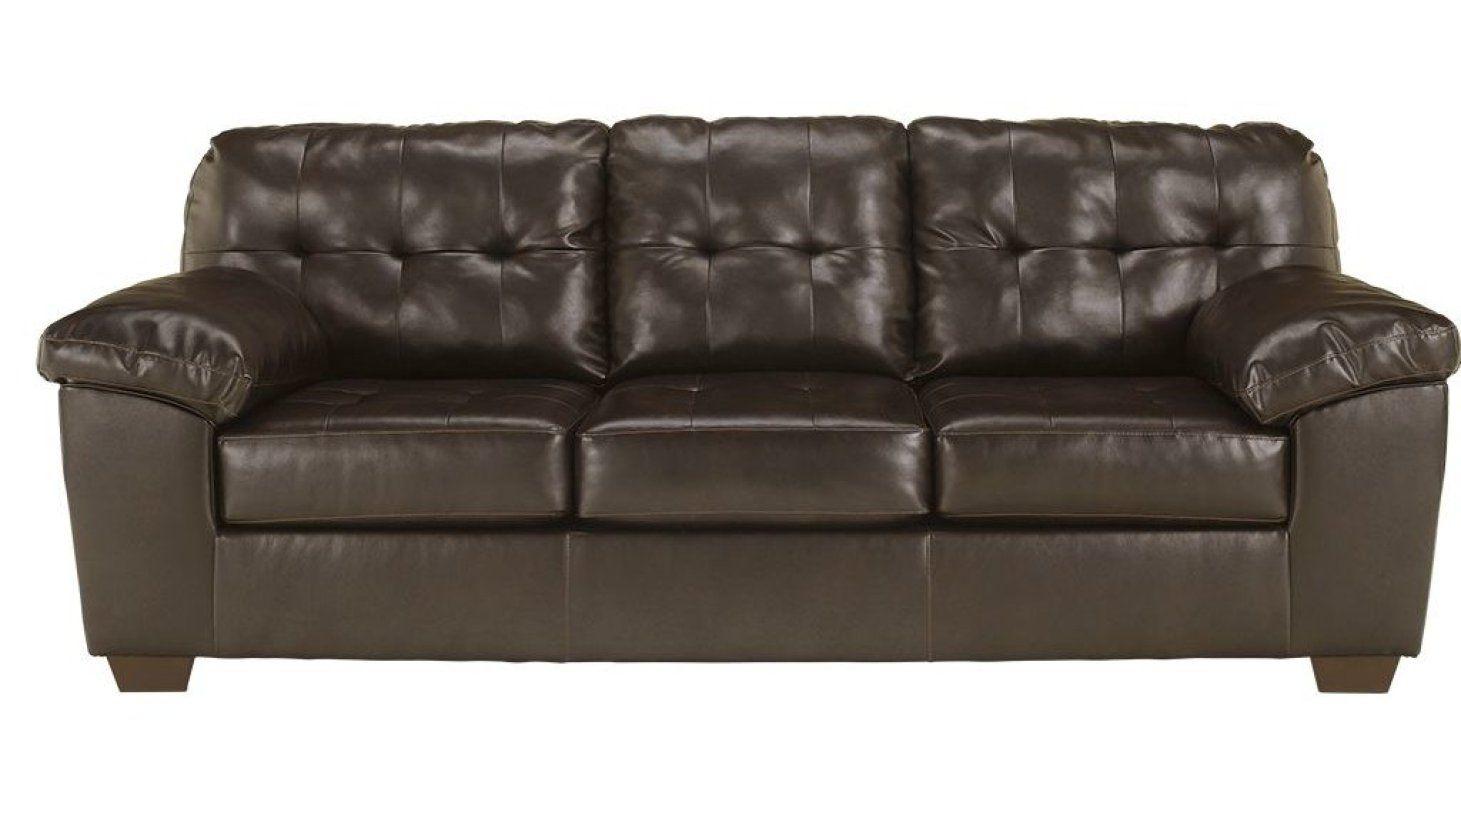 Delightful Trent Leather Queen Sleeper Sofa